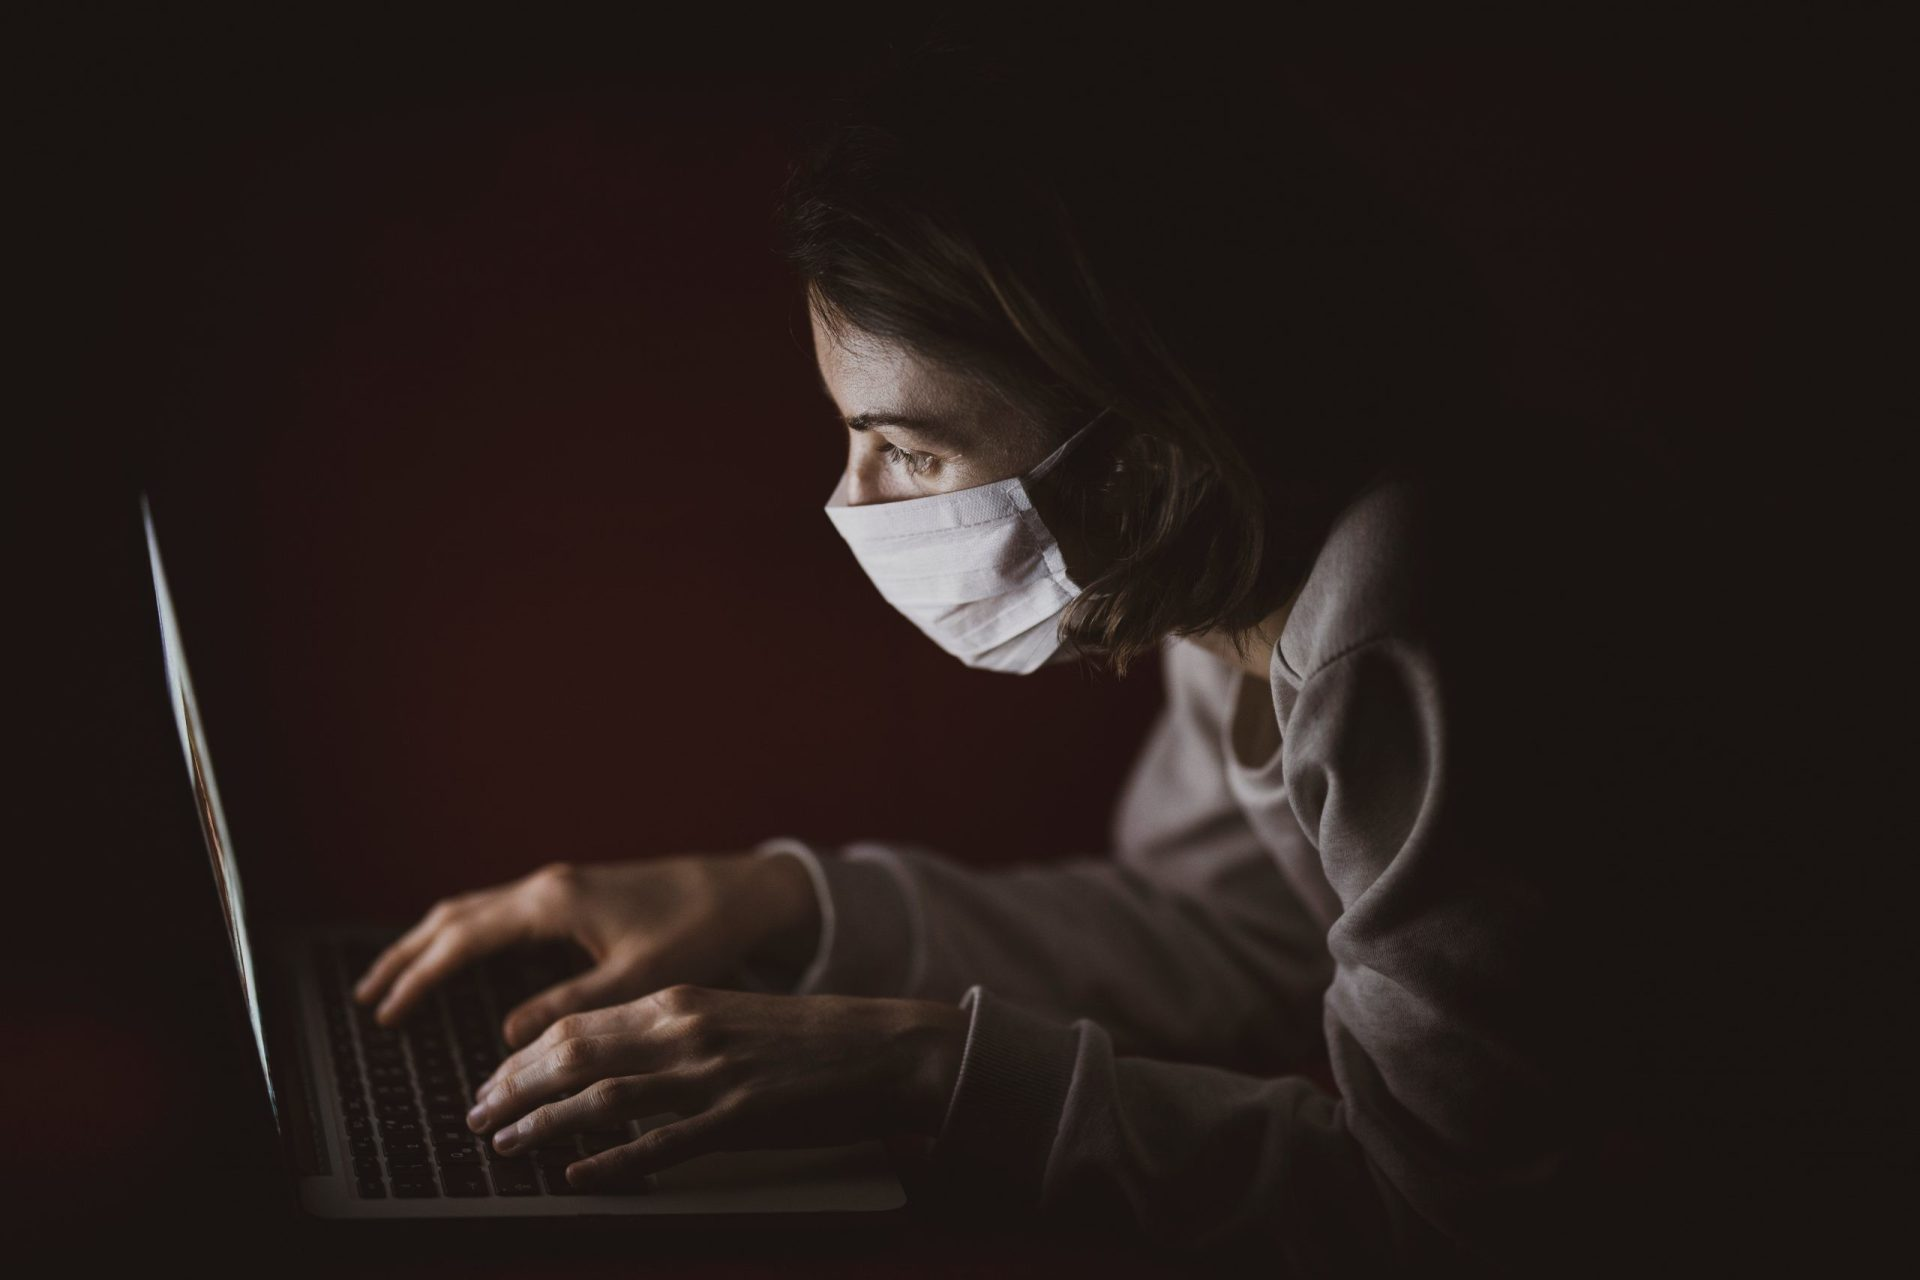 pessoa com máscara de proteção usa computador portátil na penumbra